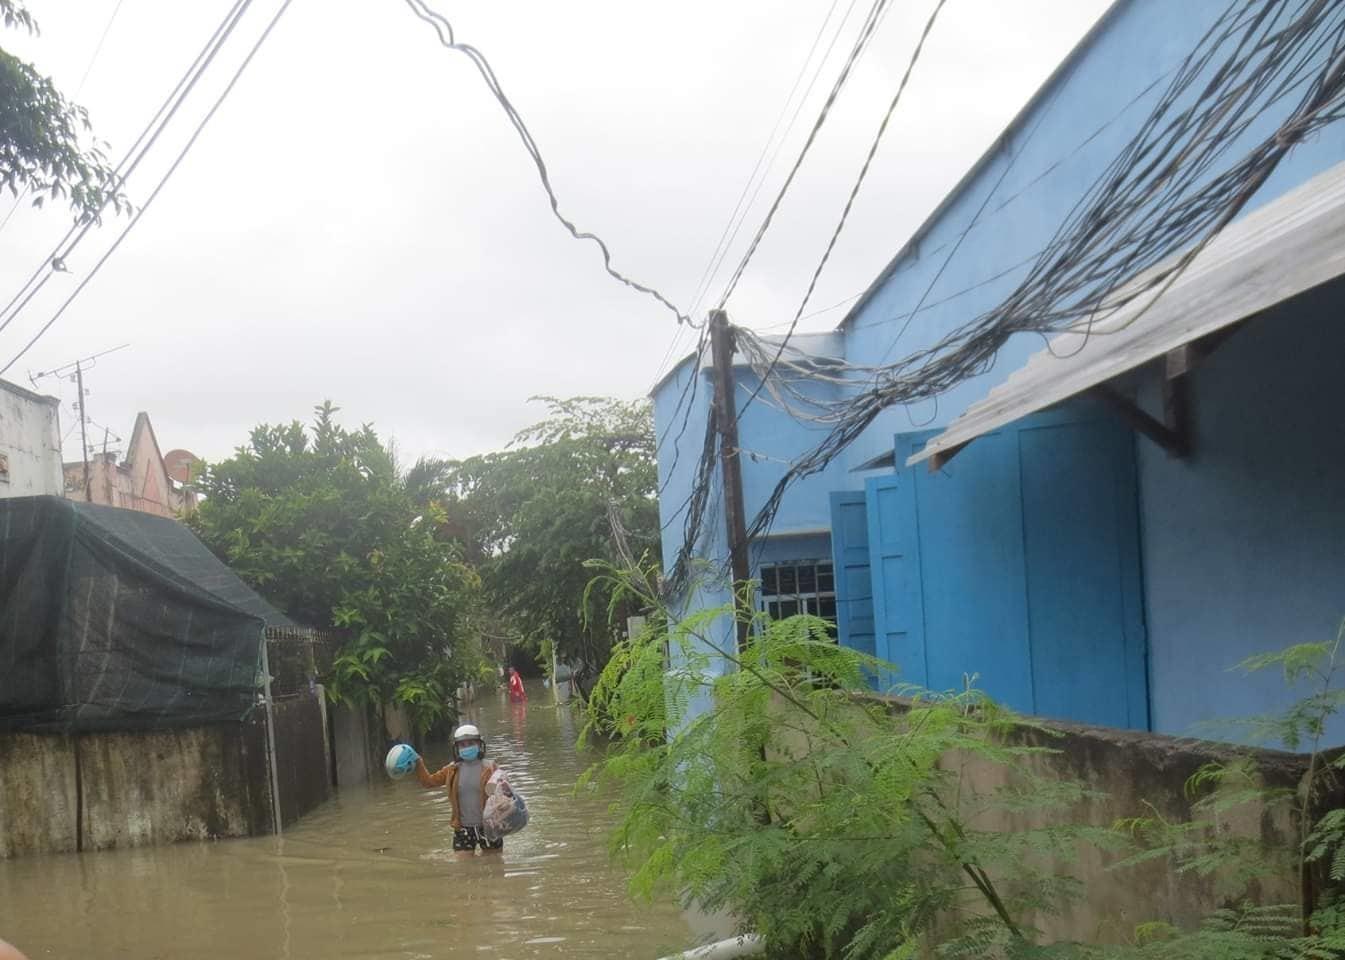 Mưa như trút, vỡ hồ nhân tạo, 12 người chết, 1 người mất tích ở Khánh Hòa